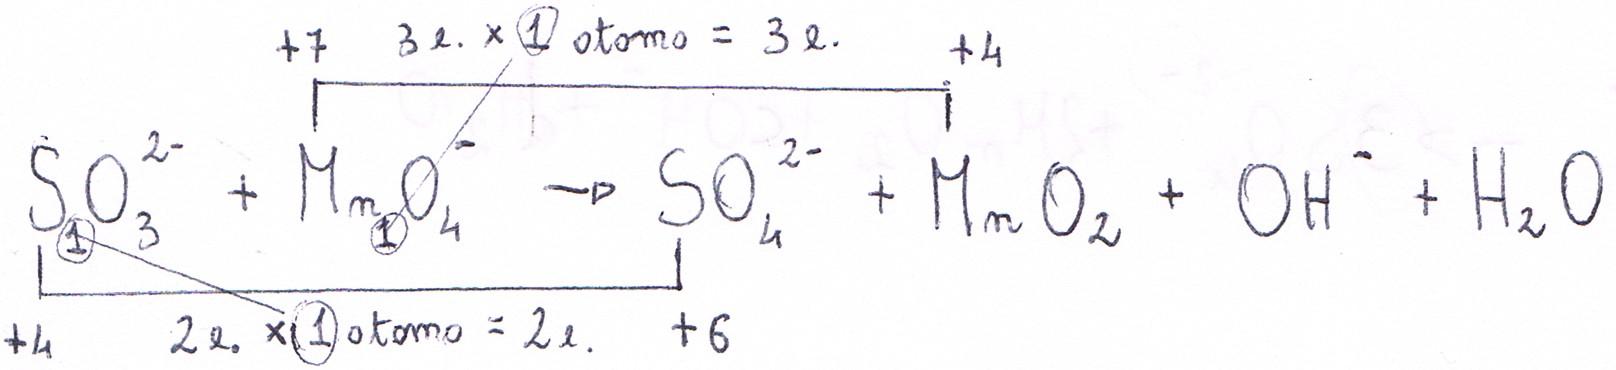 Redox-ionica-2